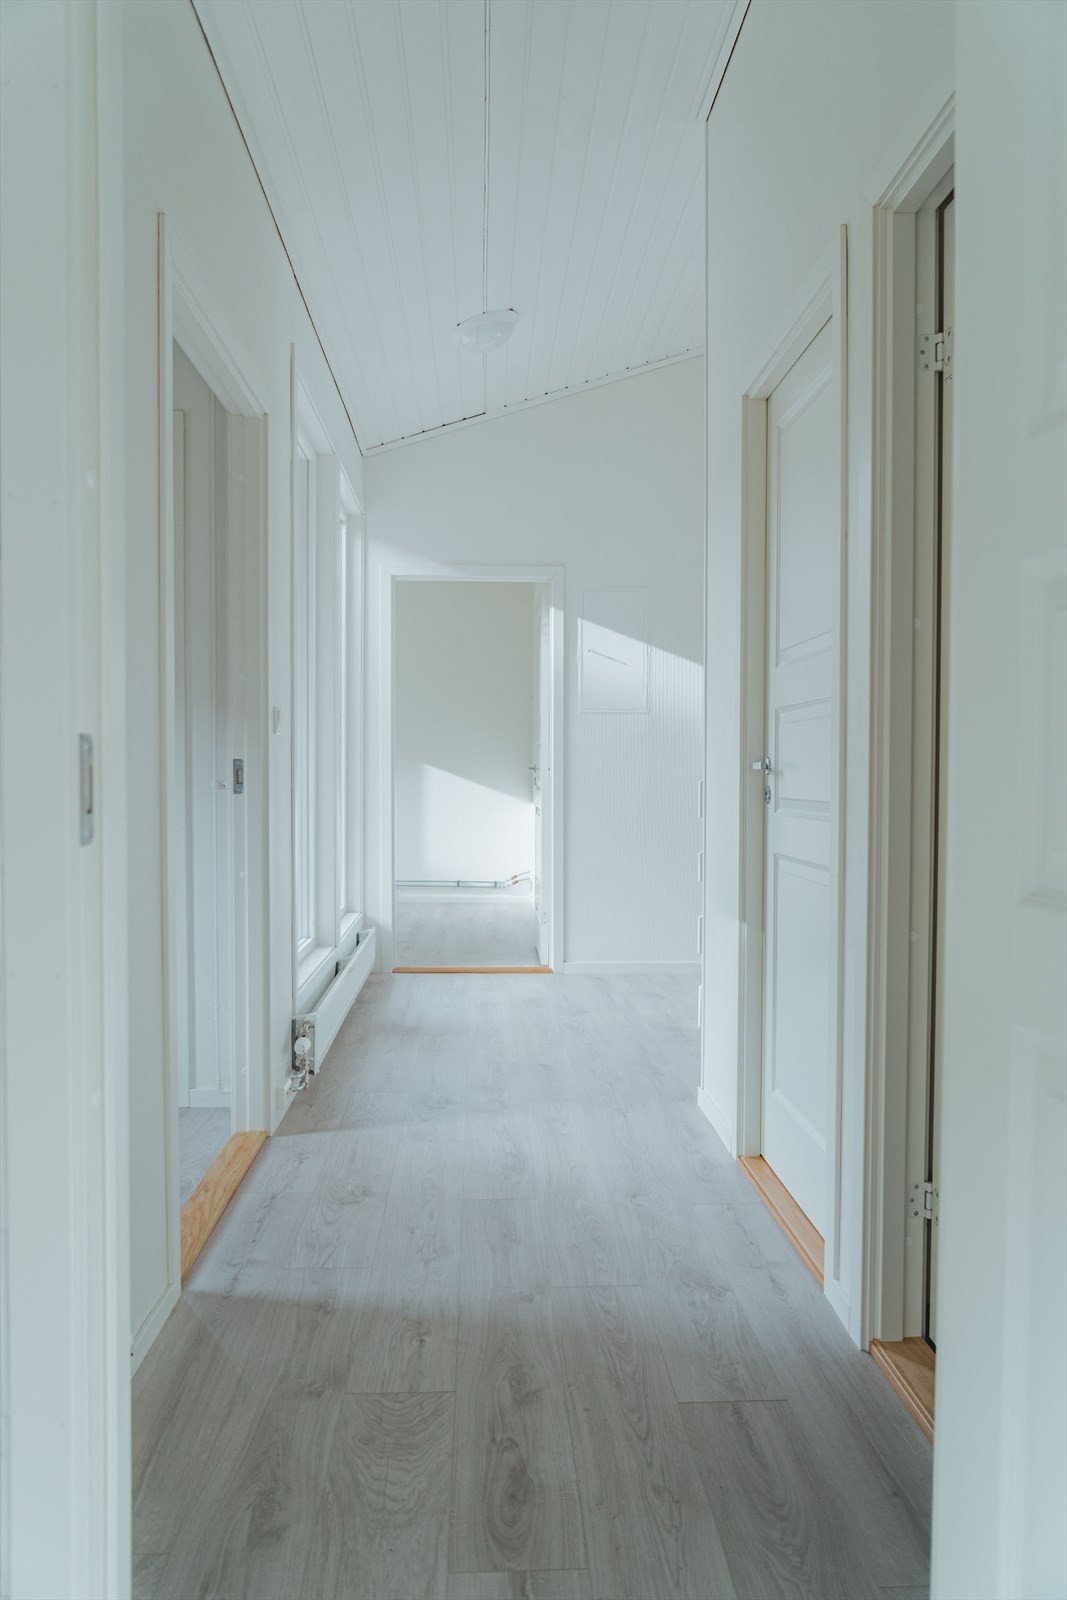 Mellomgang 1. plan som leder til soverom, vaskerom, wc og bad